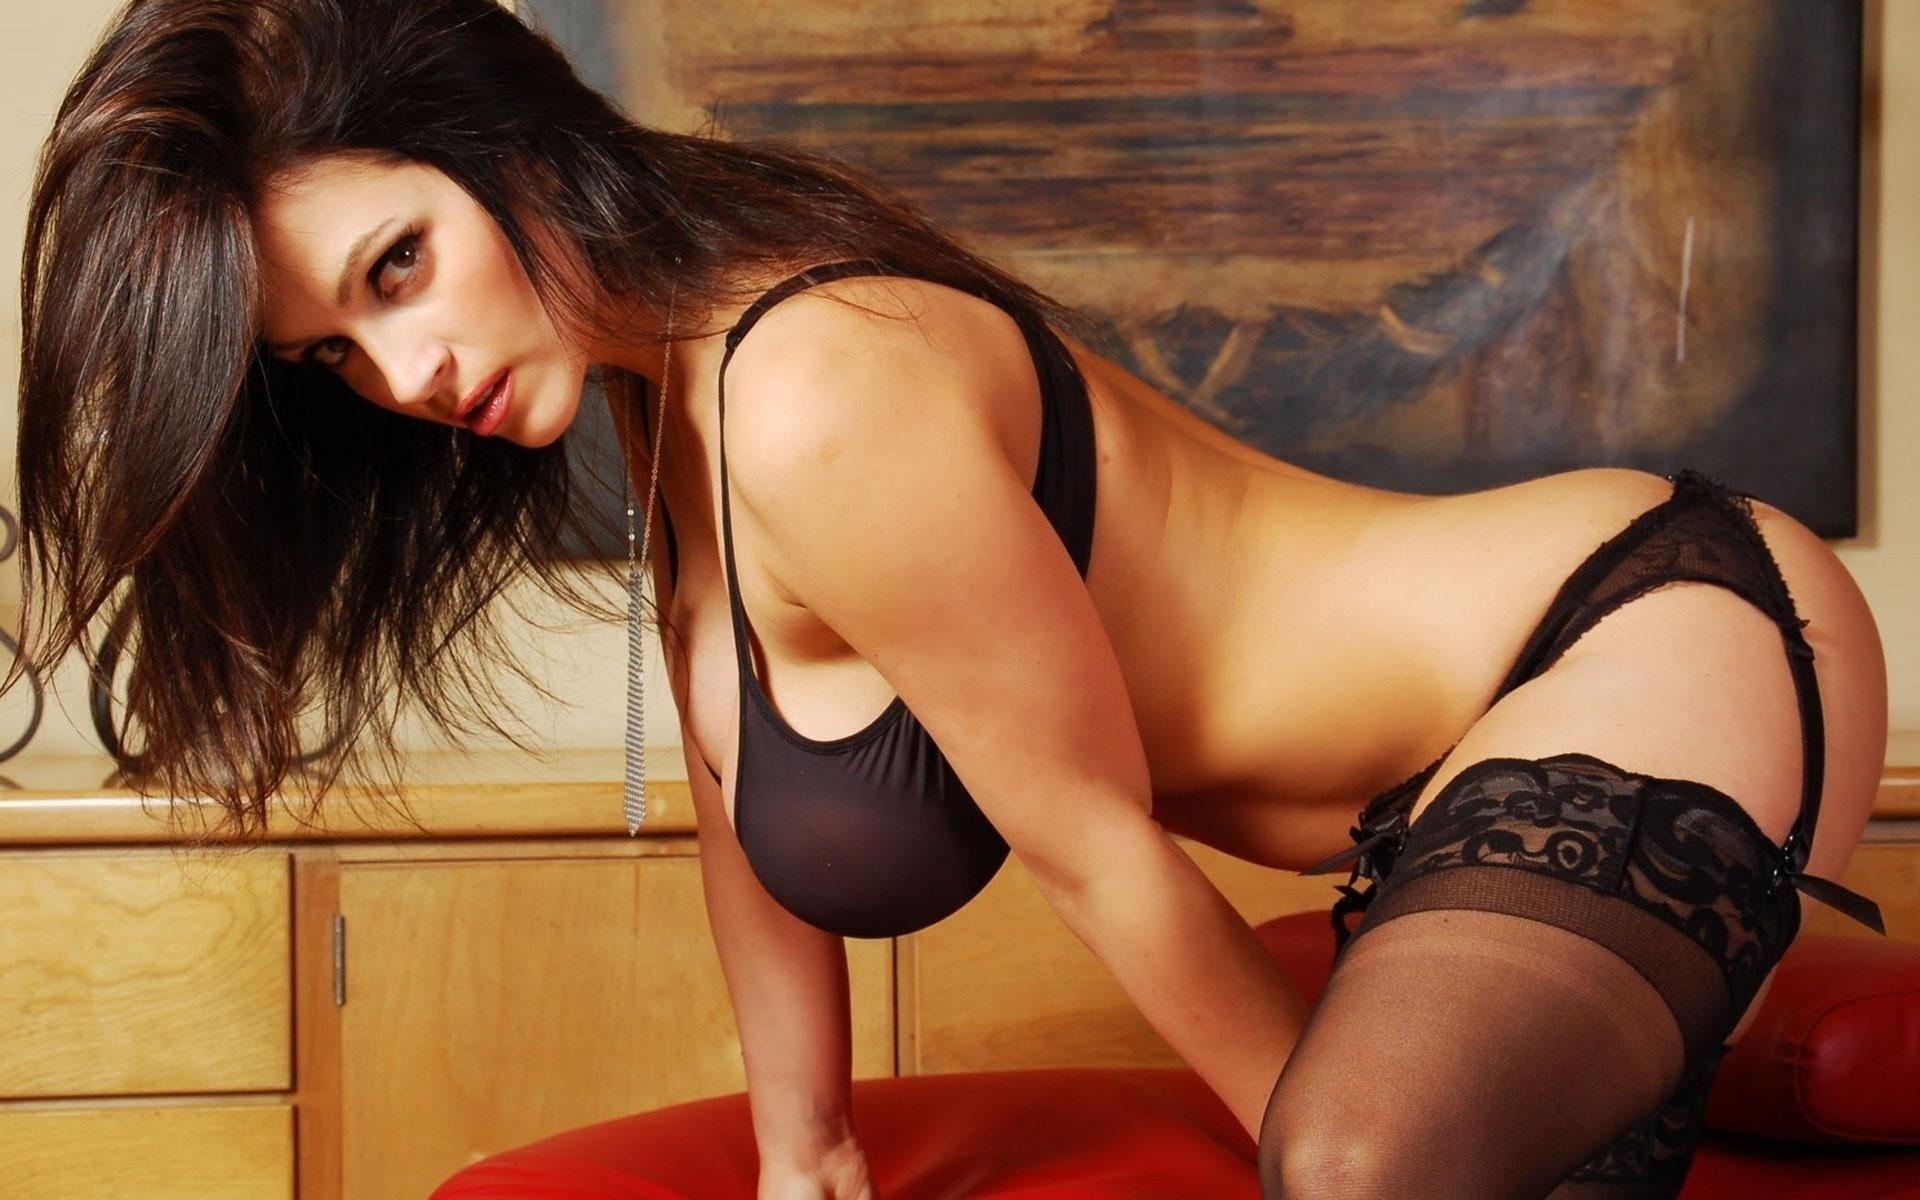 Nude galleries women over 40